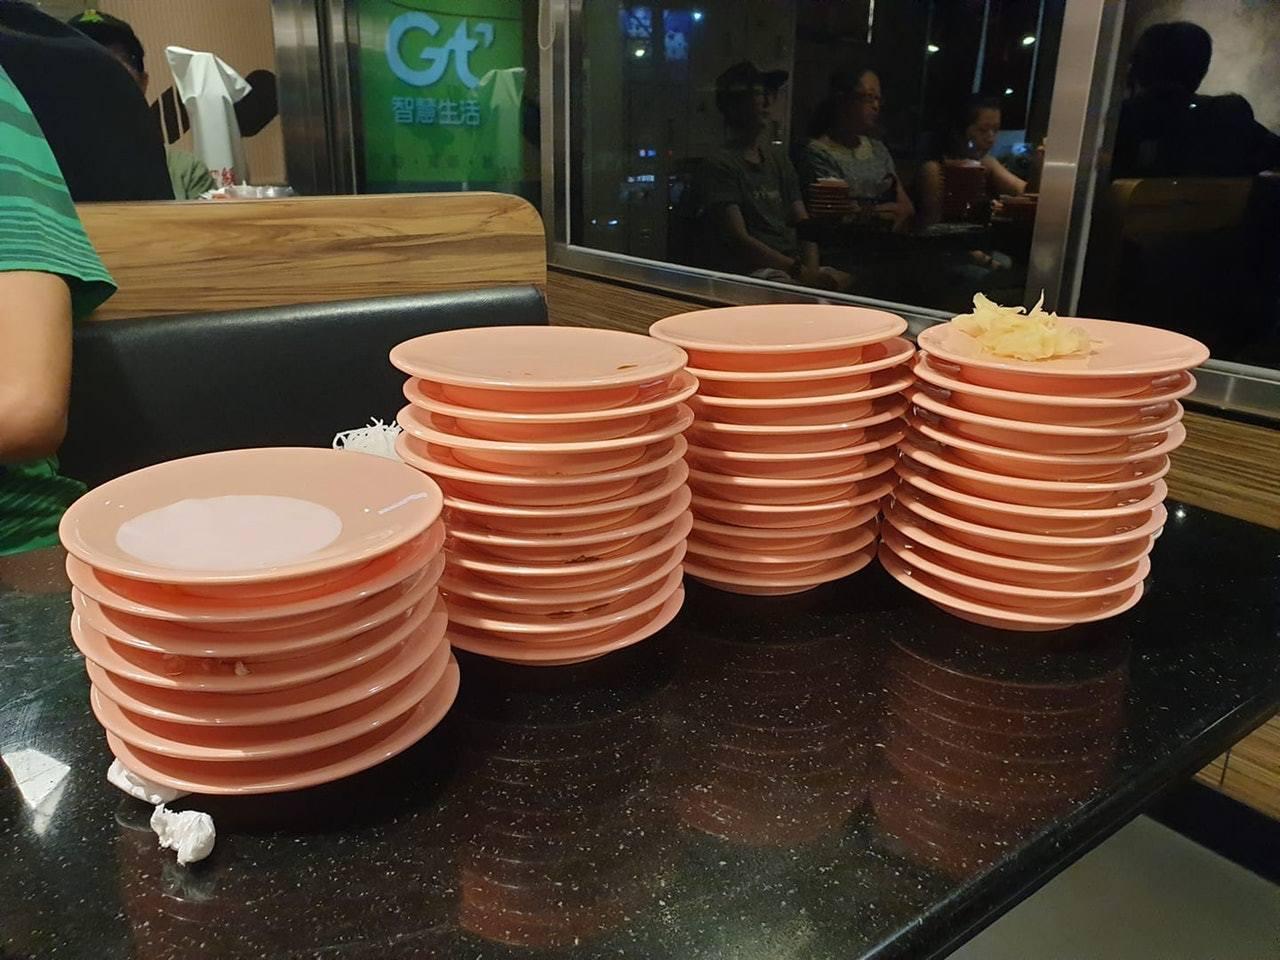 一名台女分享早前食壽司時,聽到旁邊的情侶竟為食多少碟而吵架,事件引起網民熱議。 ...